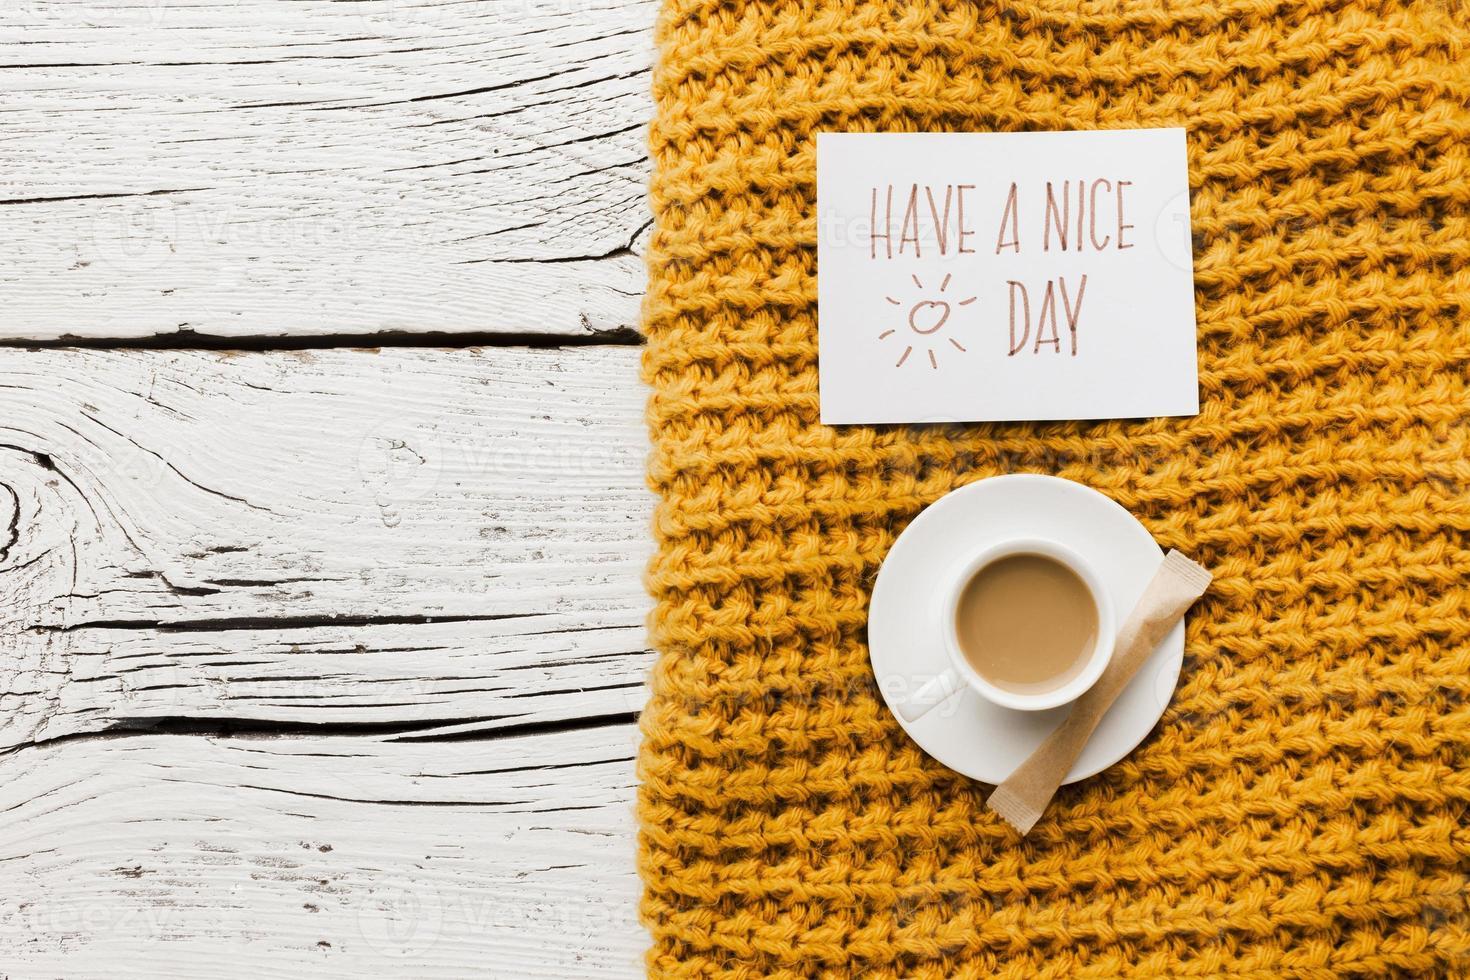 heb een mooie dag bericht met kopje koffie en gele deken op houten achtergrond foto